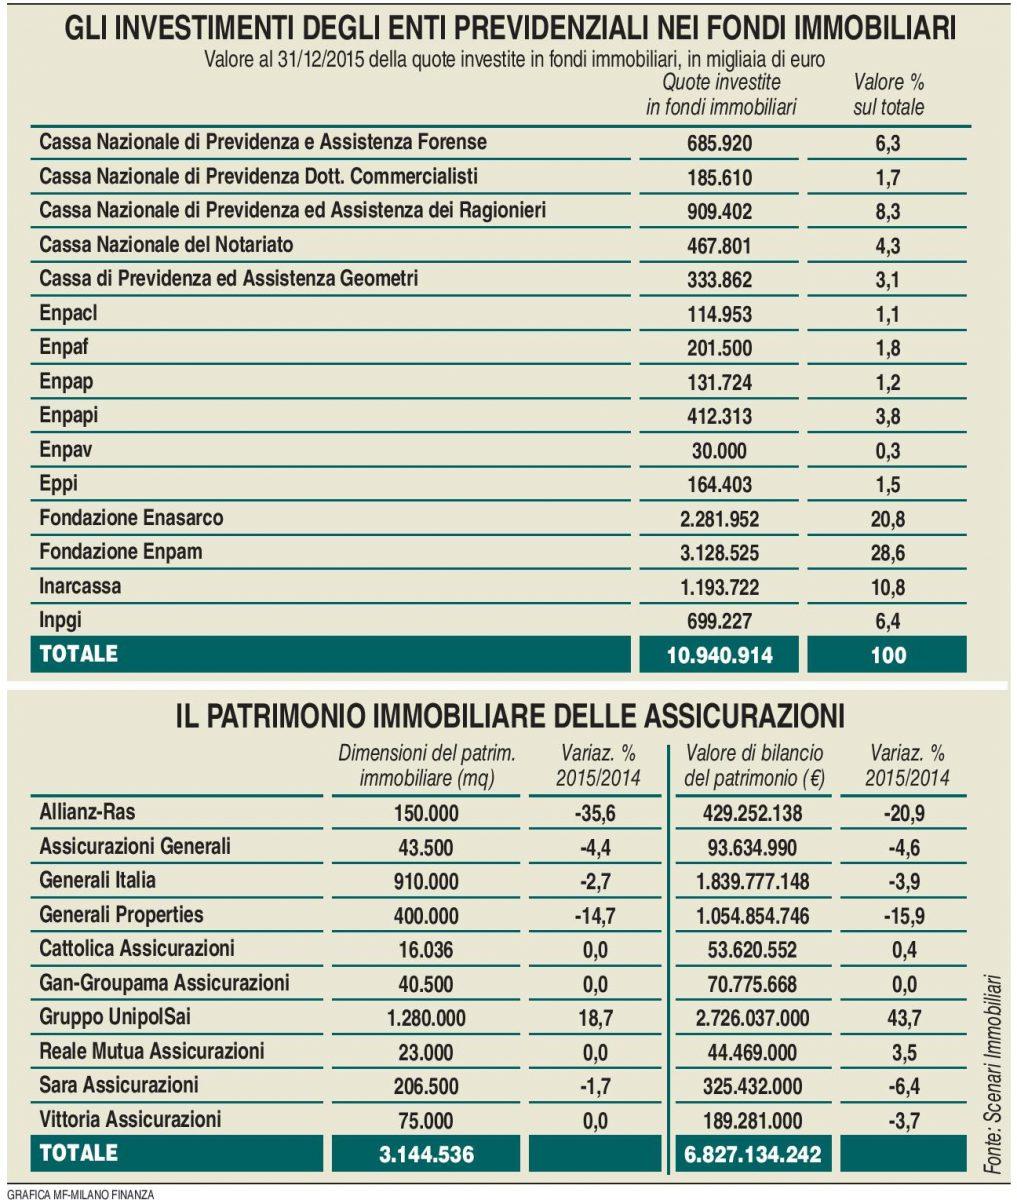 Investimenti settore immobiliare (MF Milano Finanza 11.02.2017) Imc